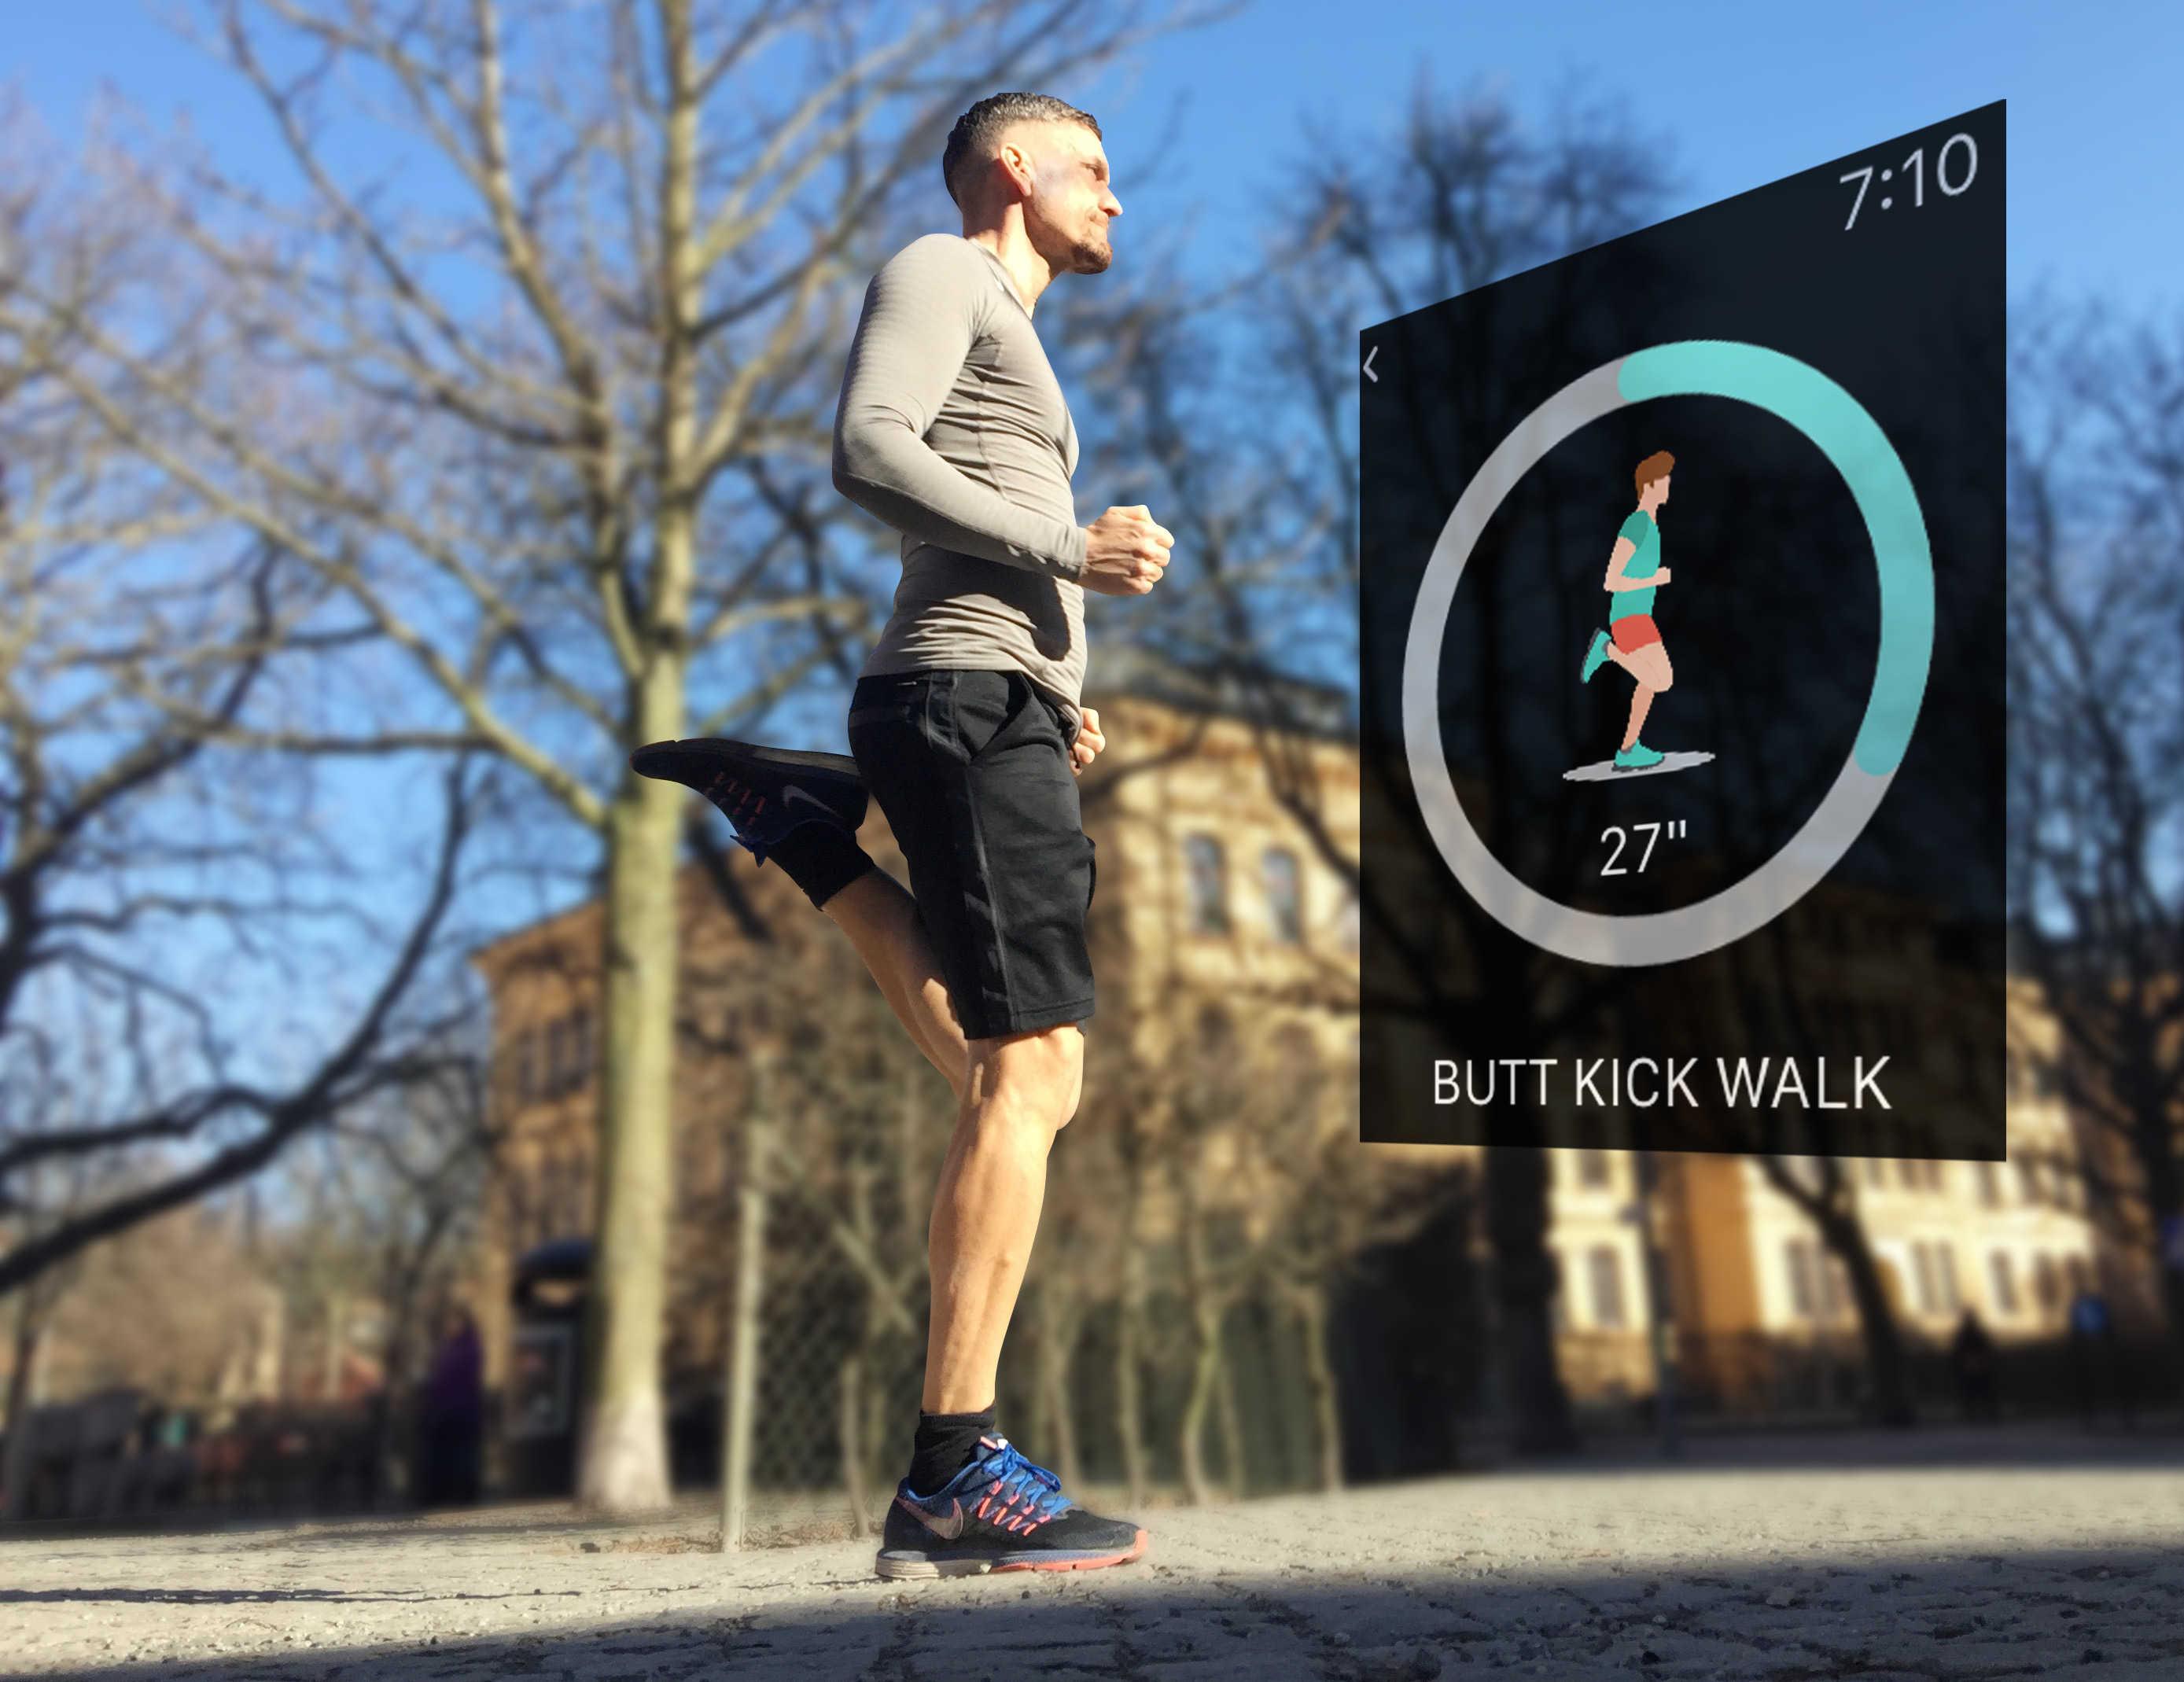 Kicking butt – Watch app RunnerStretch recommends a butt kick walk as part of your warmup